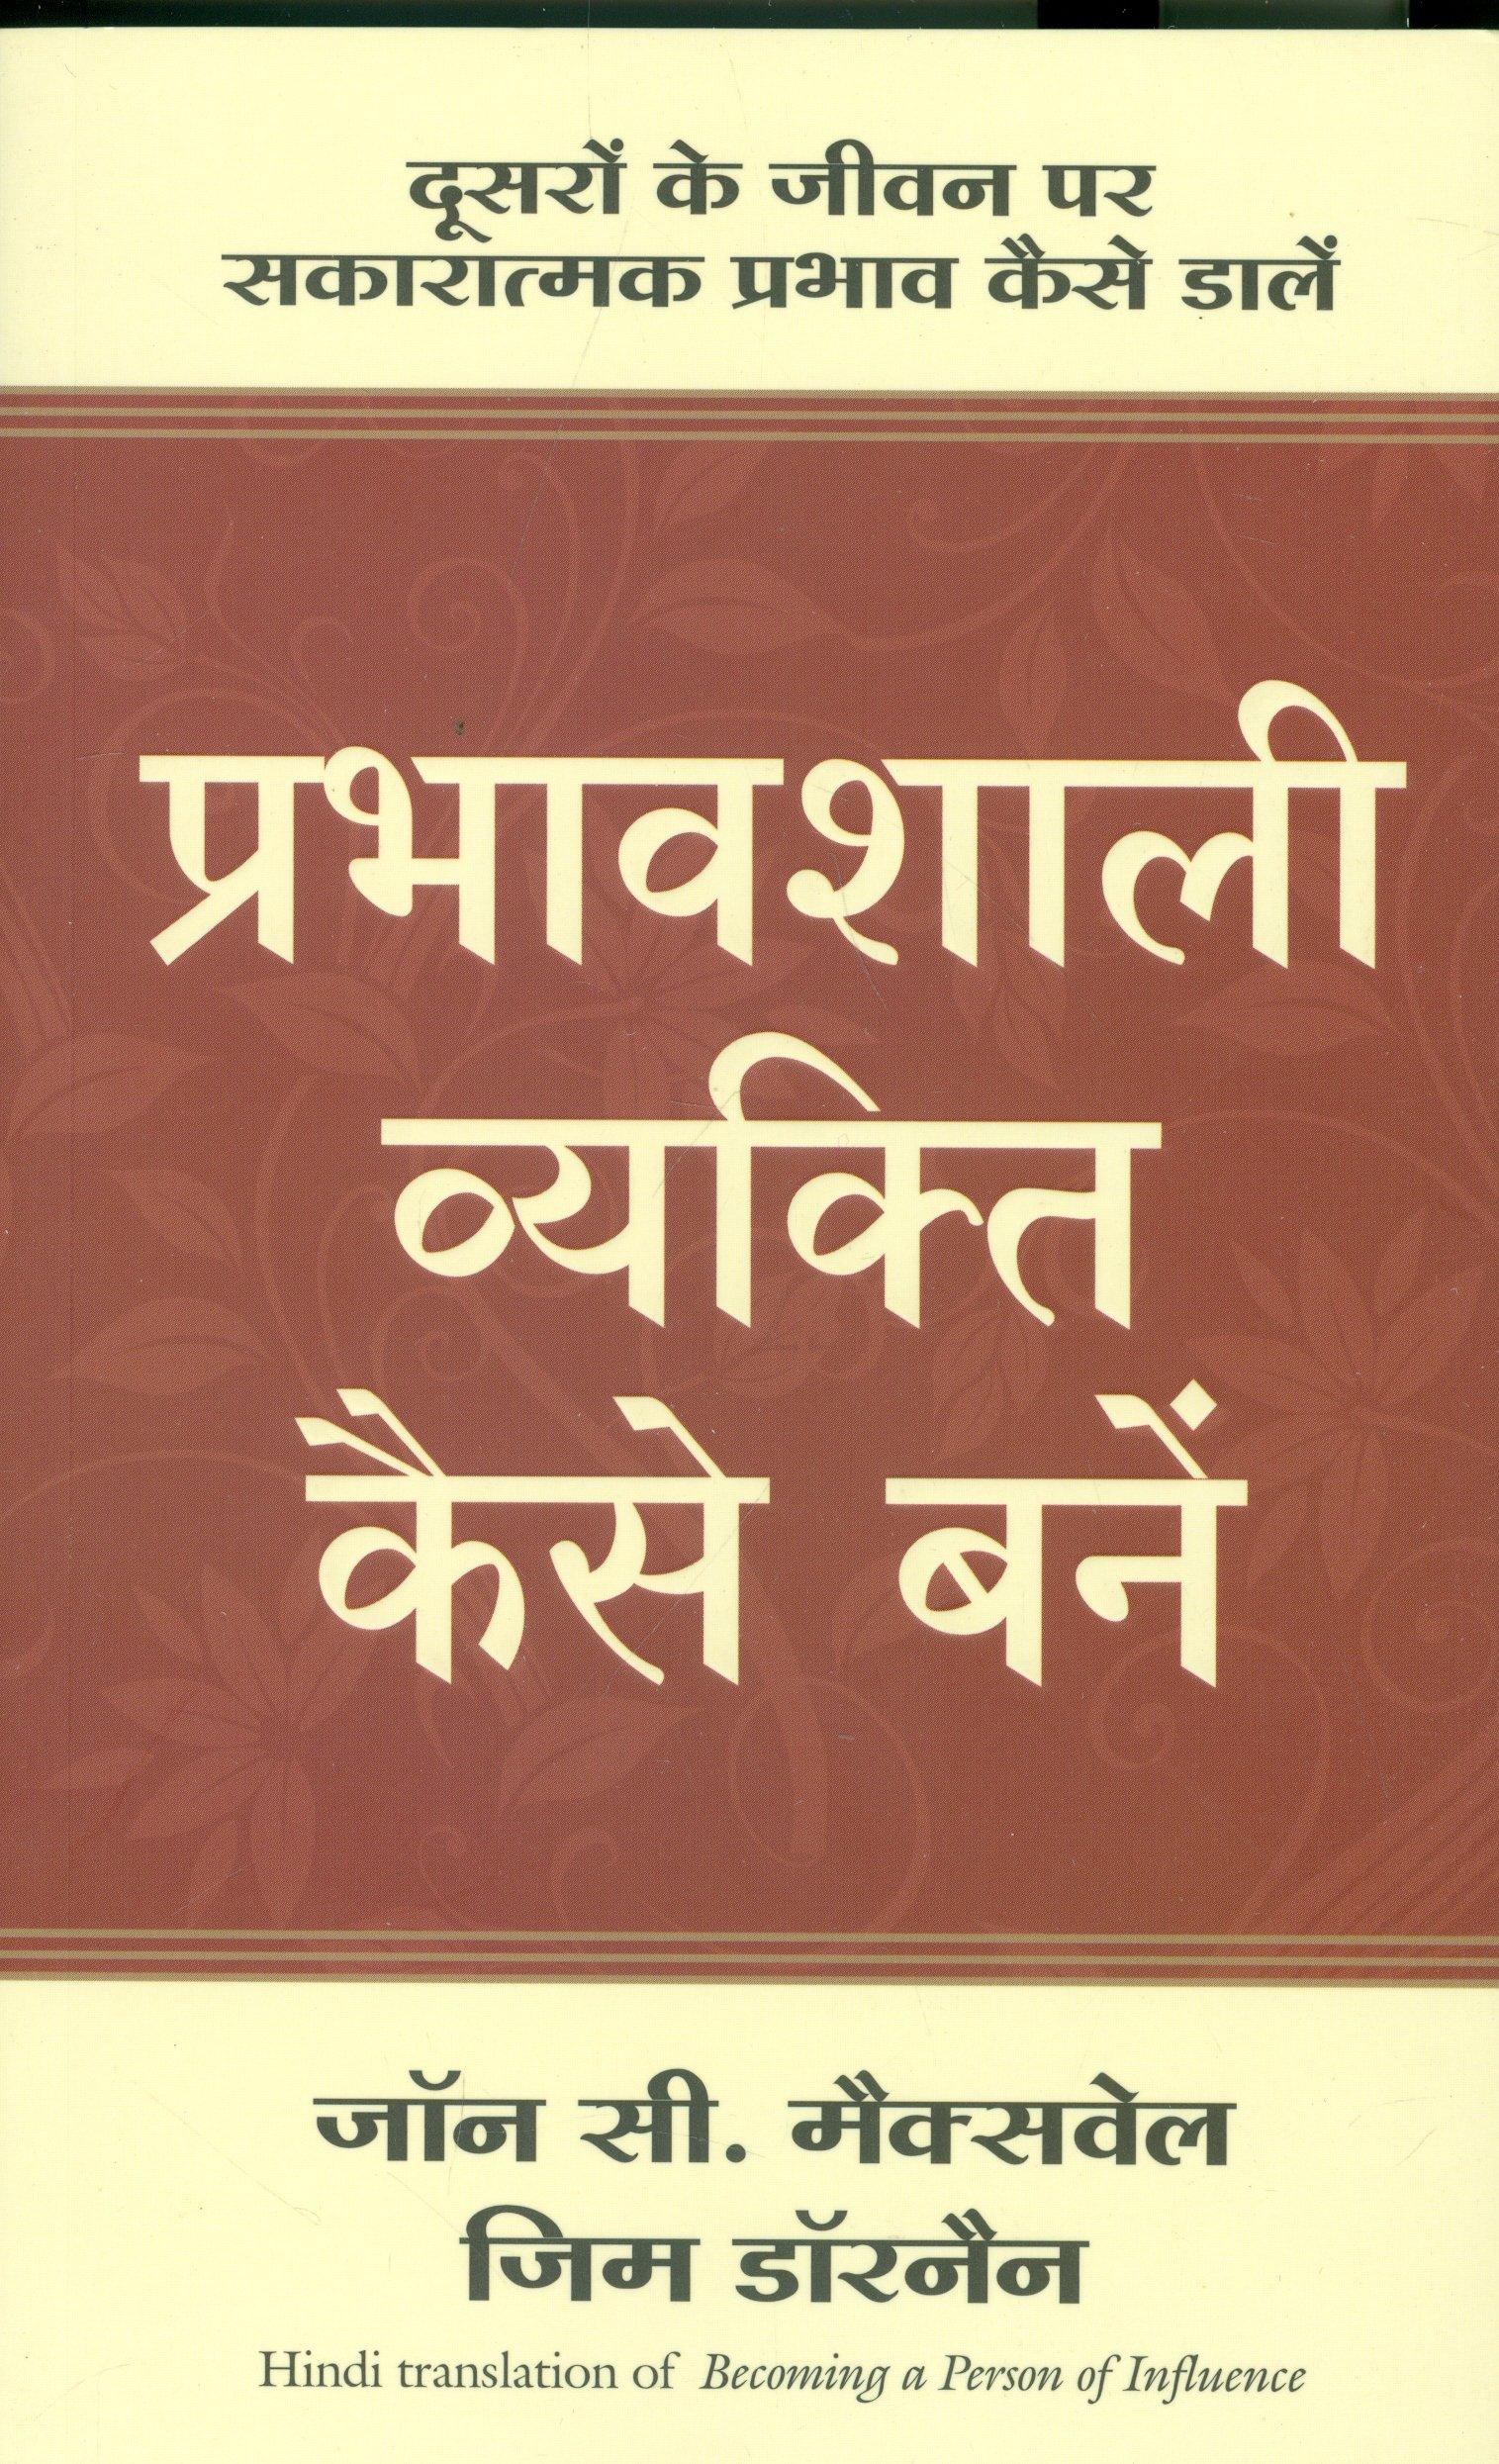 Prabhavshali vyakti kaise bane hindi edition john c maxwell prabhavshali vyakti kaise bane hindi edition john c maxwell 9788183220095 amazon books buycottarizona